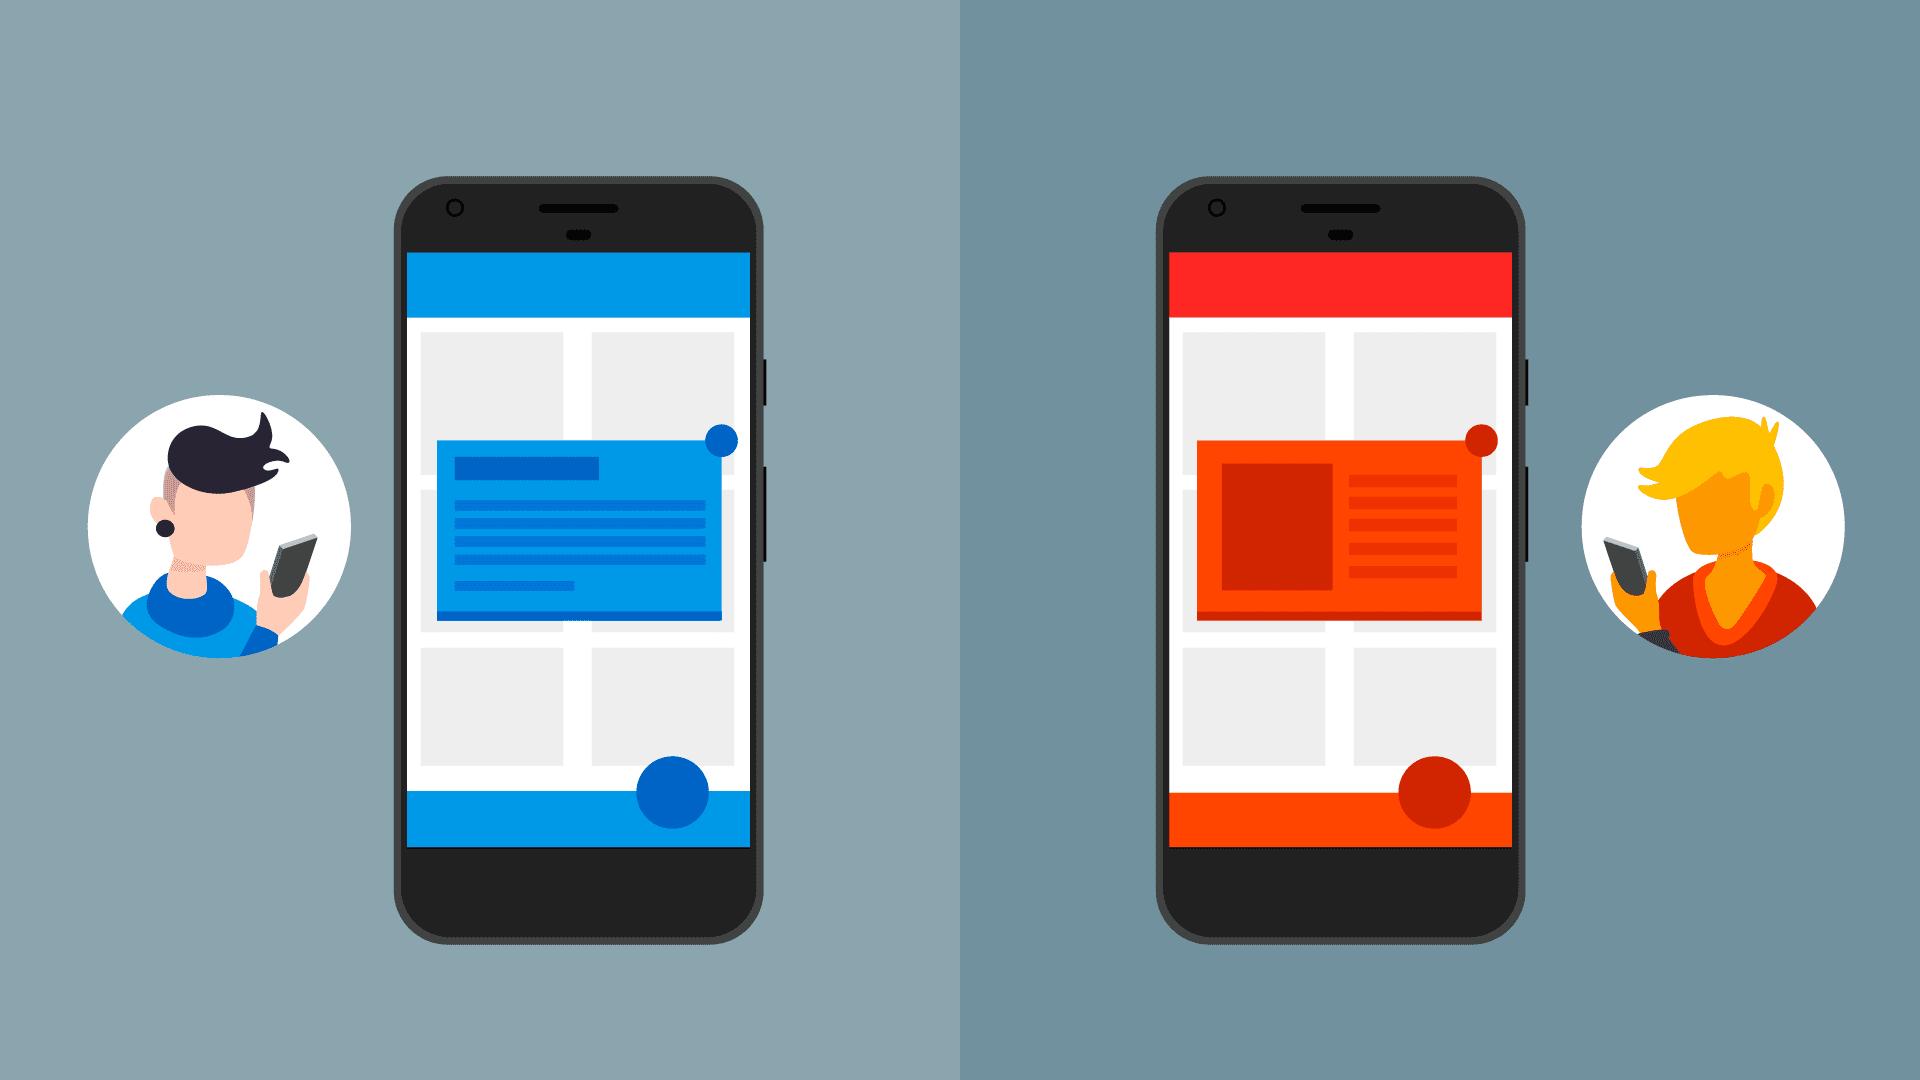 Dua pesan dalam aplikasi dengan gaya berbeda